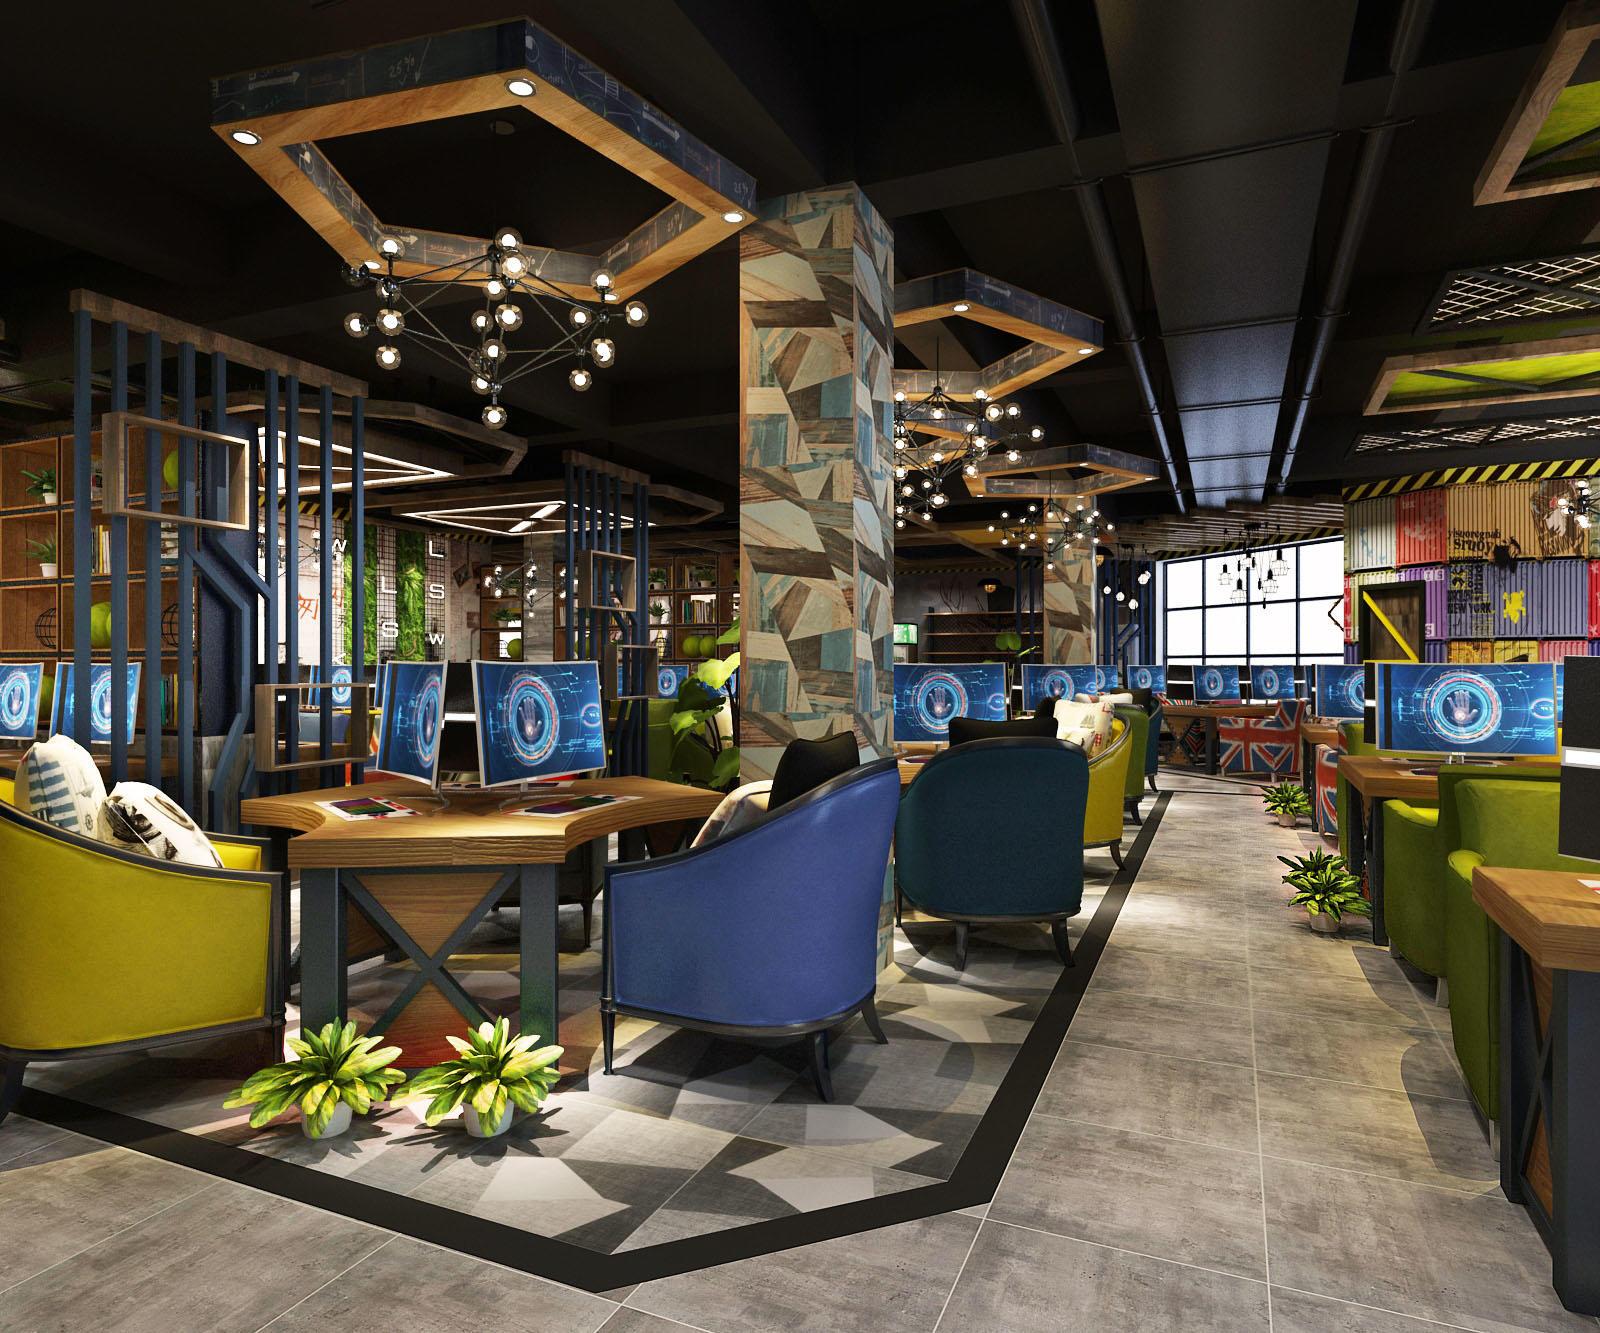 设计出供人休闲娱乐的现代绿色环保空间是集上网,休闲,娱乐,餐饮等为